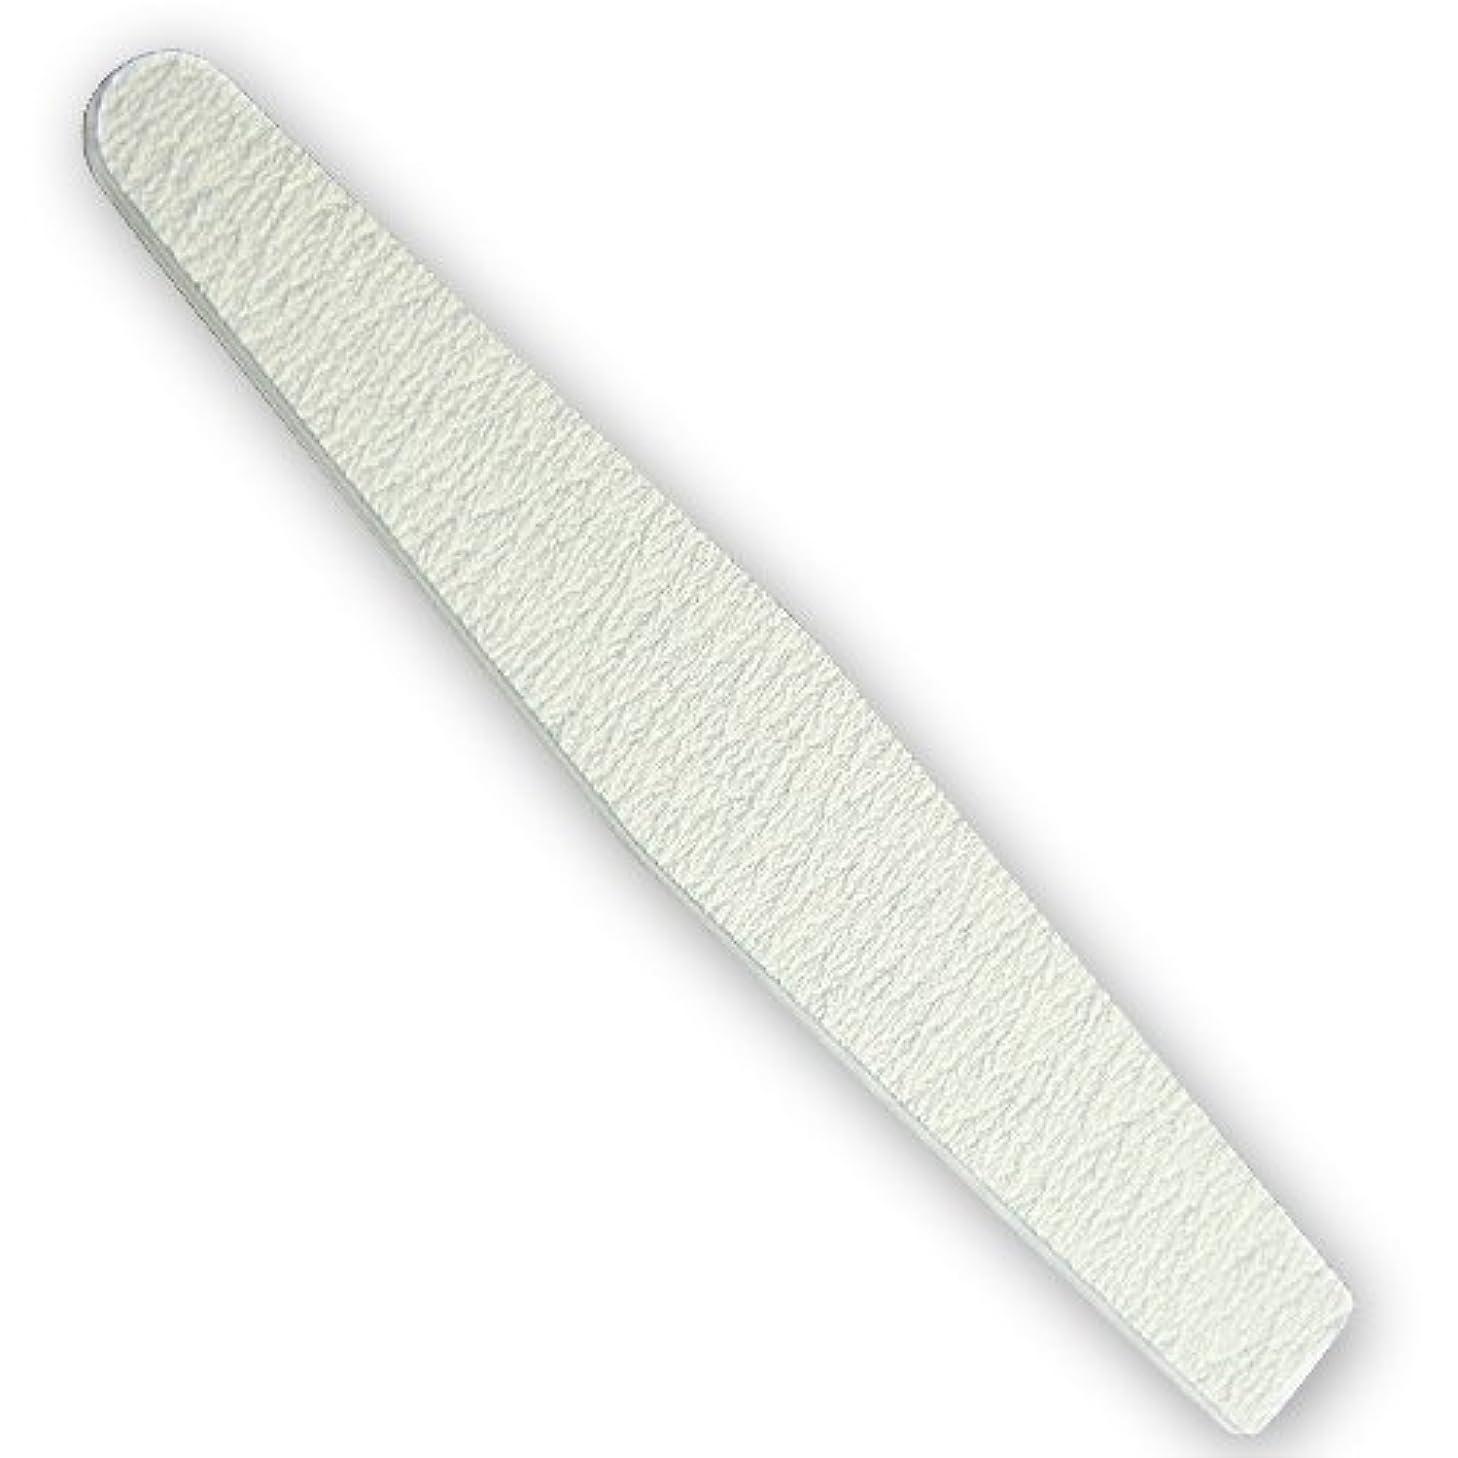 薬局重々しい戻すジェルネイル用ファイル100/180(爪やすり)シンプルで使いやすい